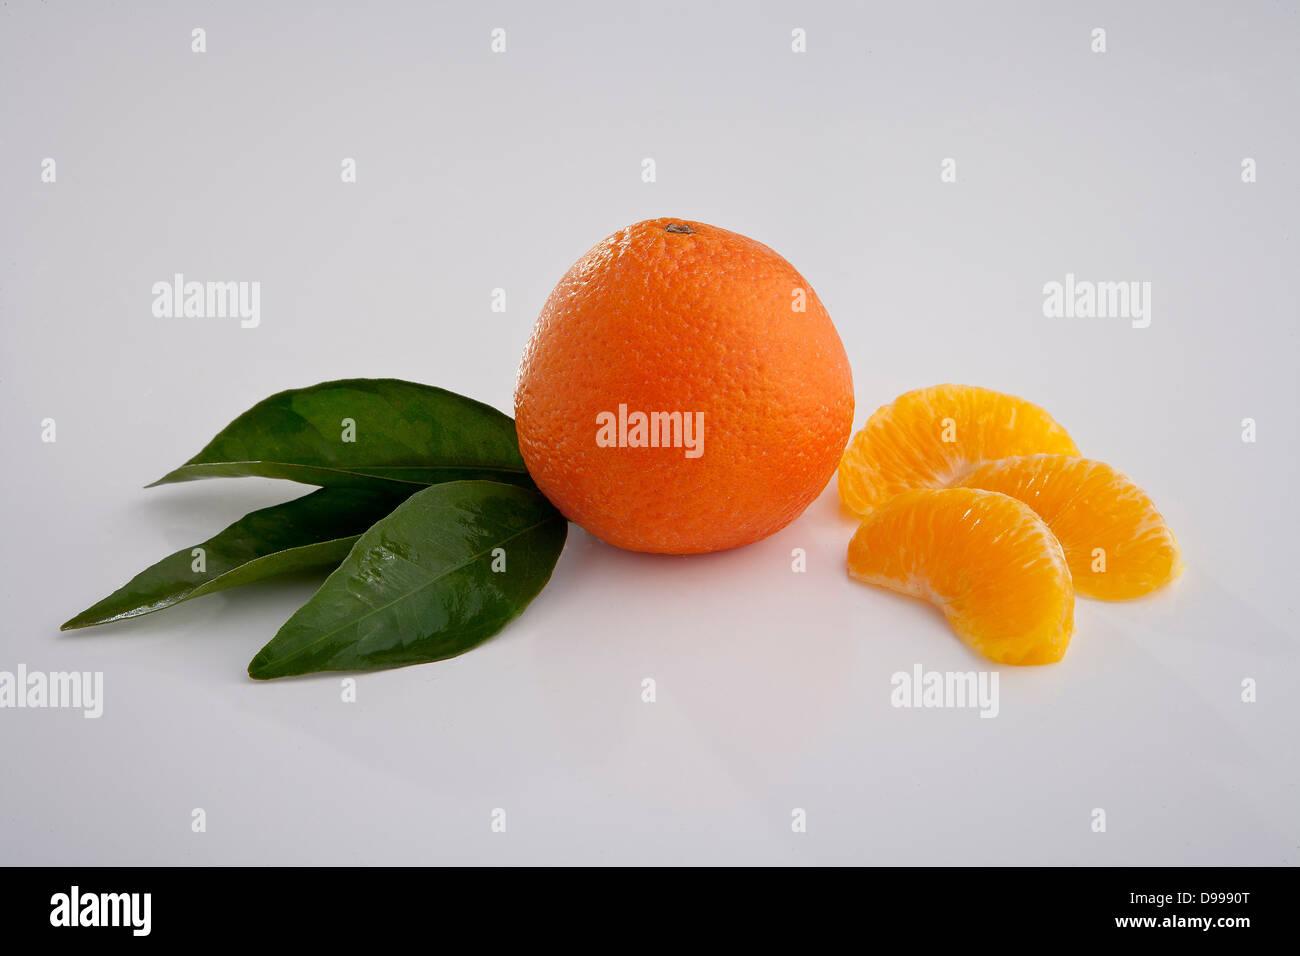 oranges and orange wedges on white - Stock Image